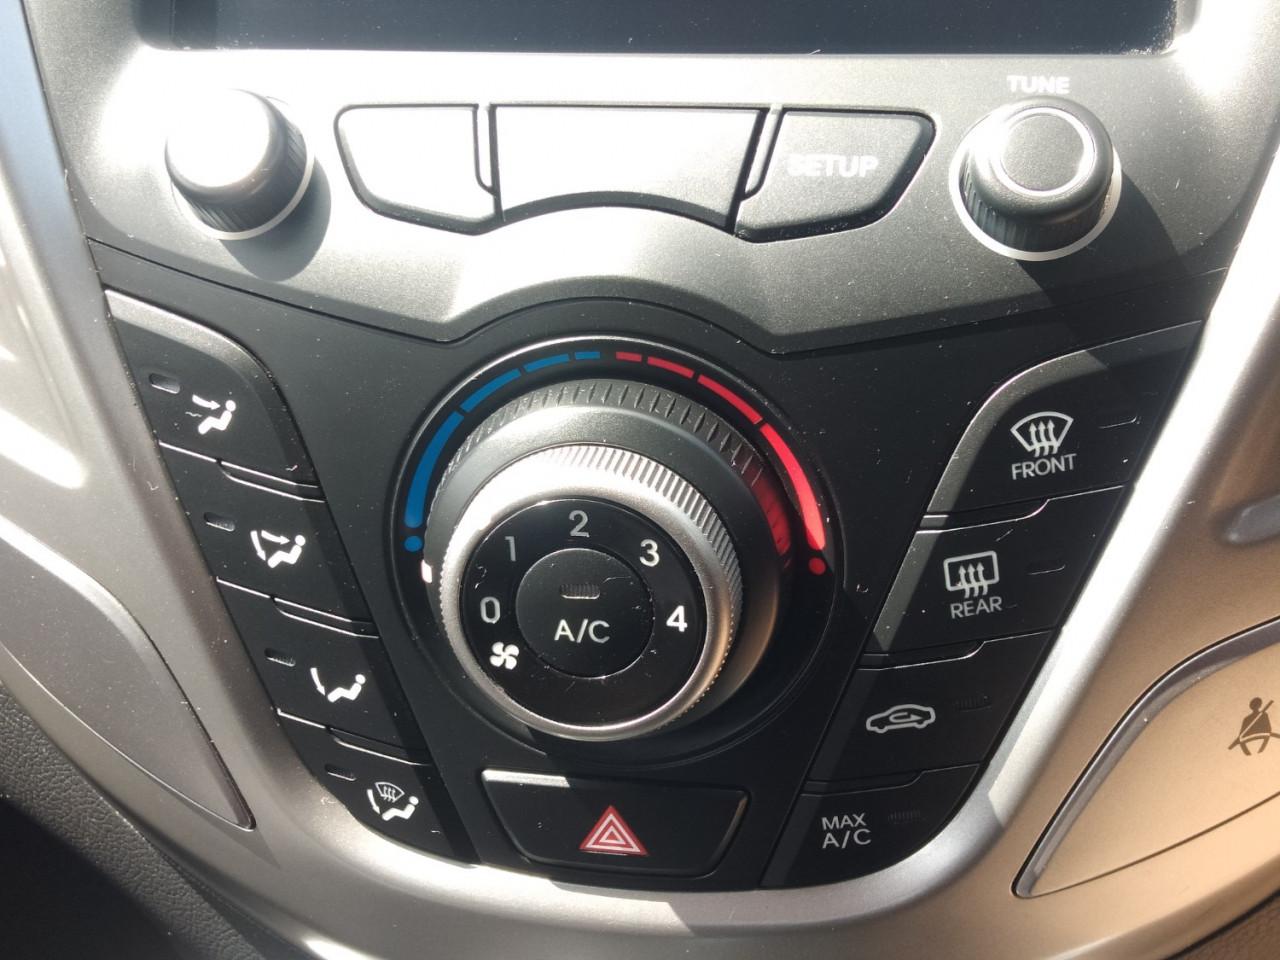 2012 Hyundai Veloster FS FS Hatchback Image 8